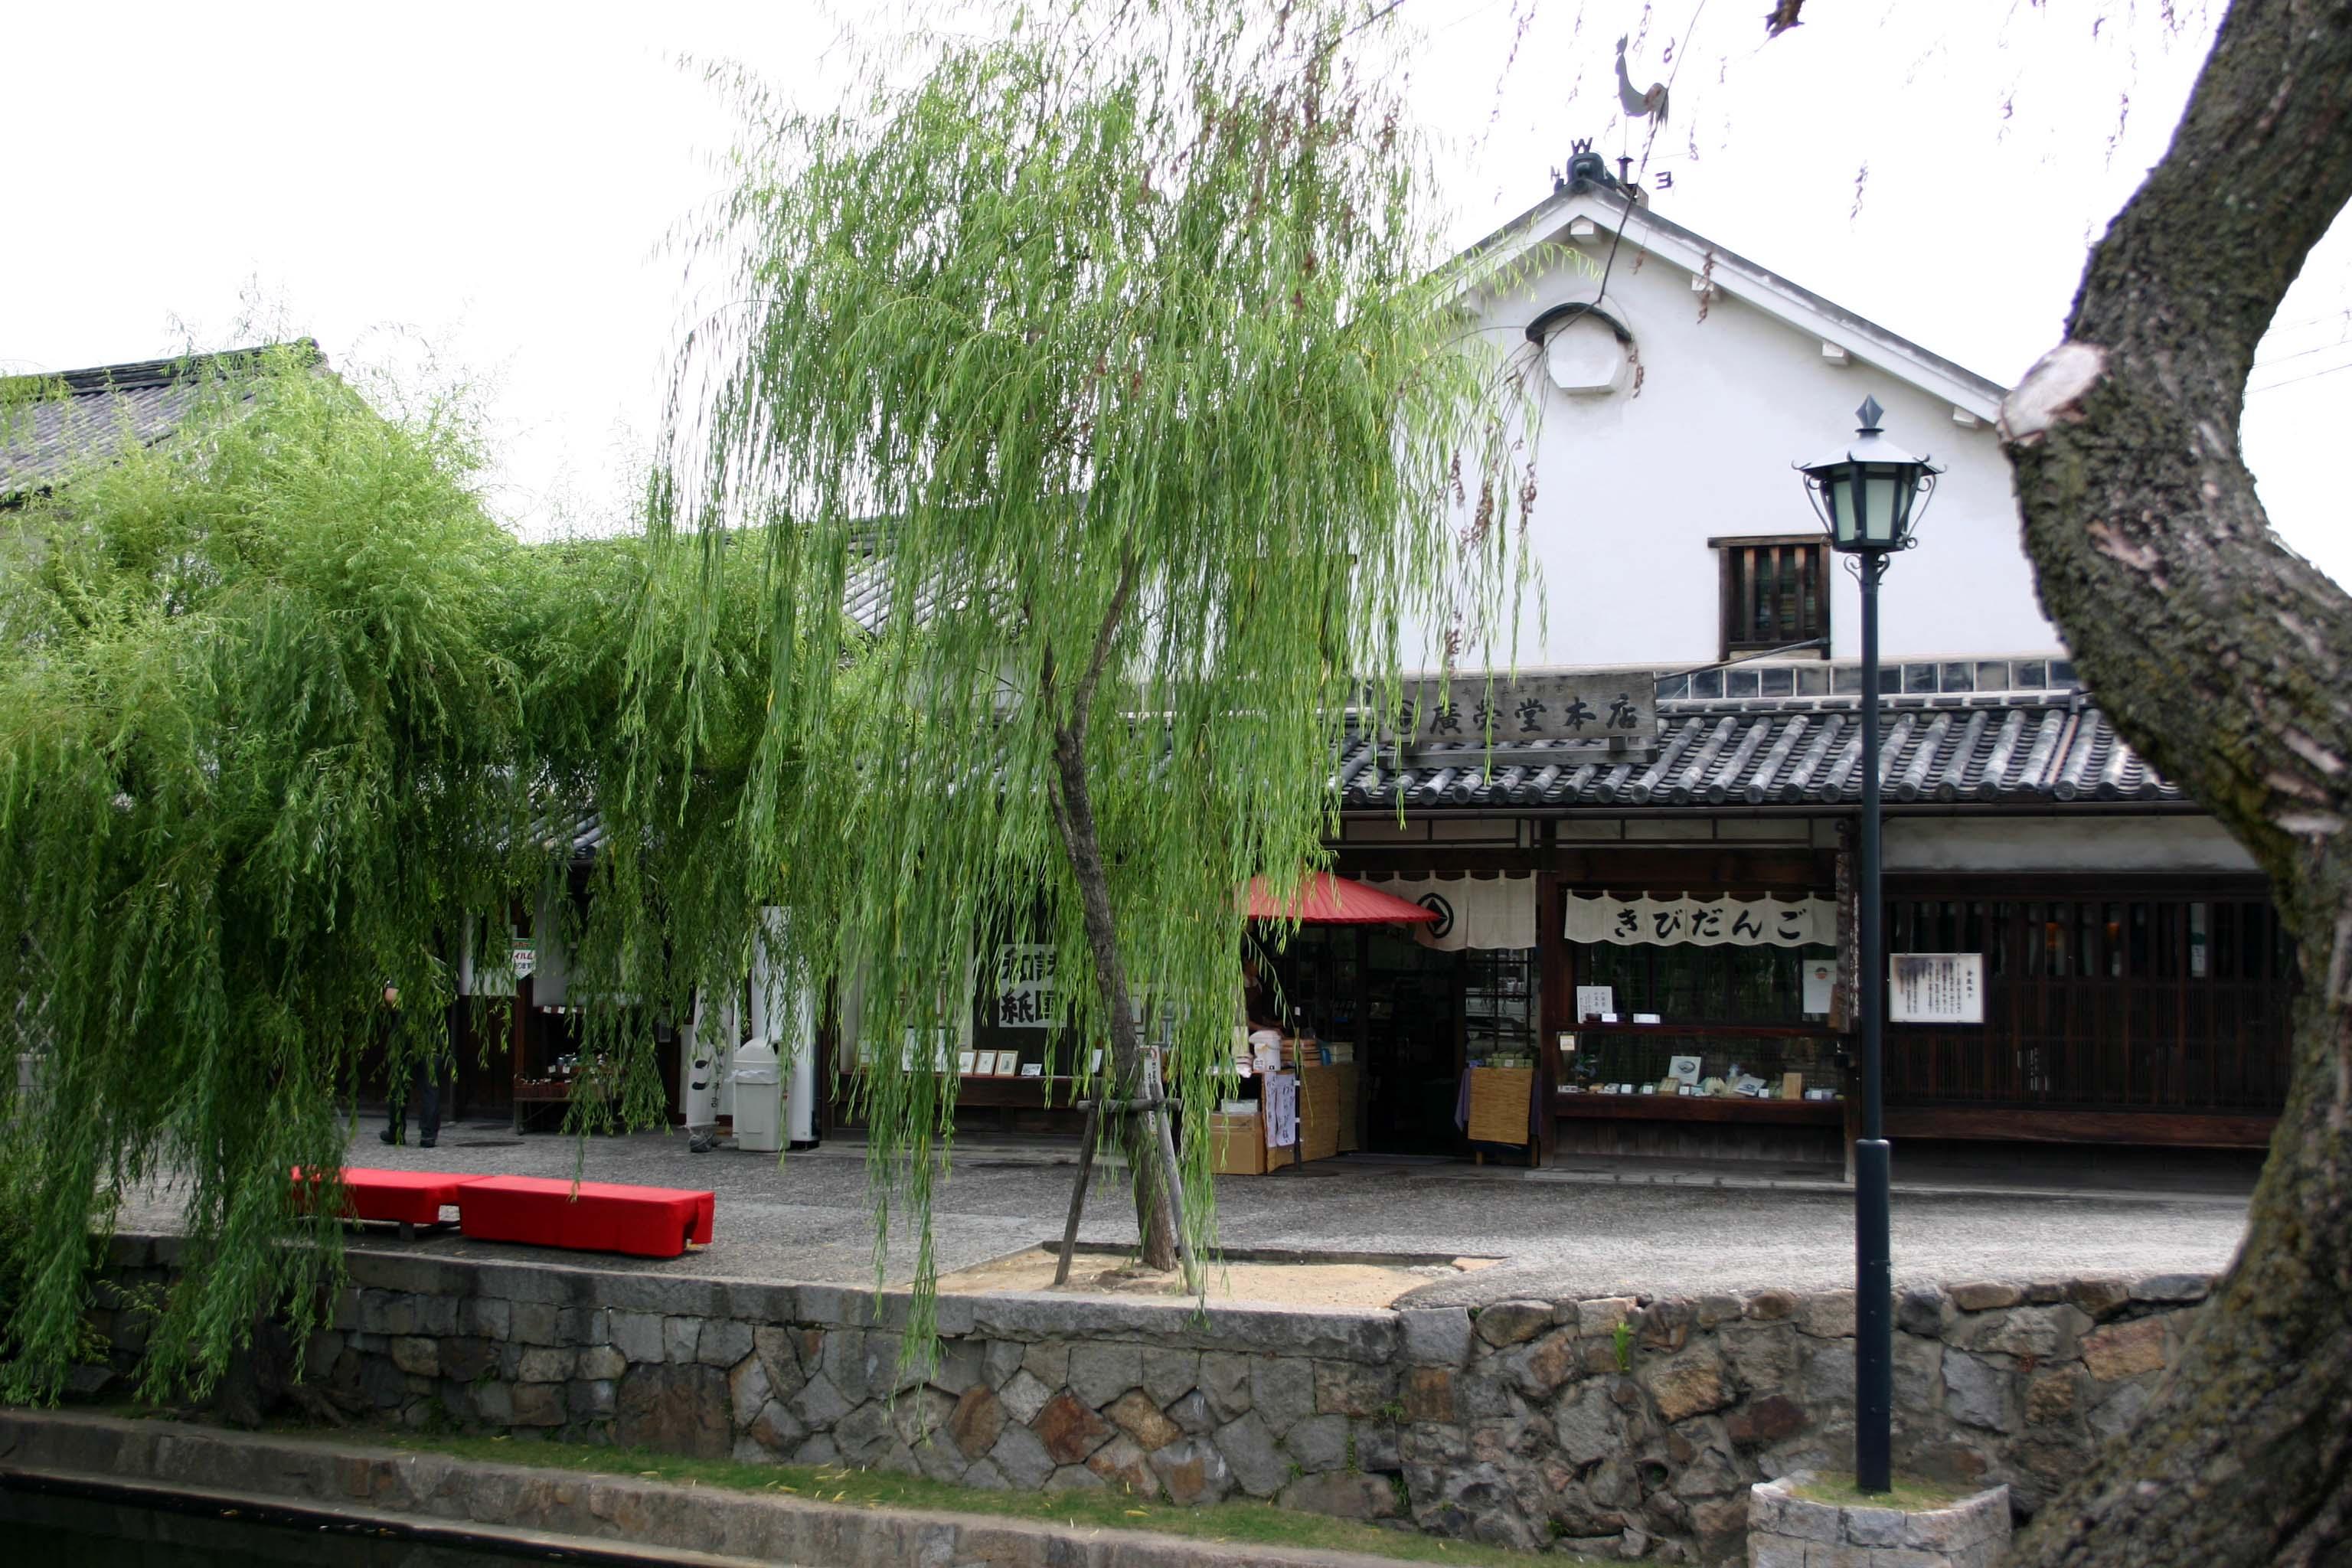 10倉敷の古い街並み①